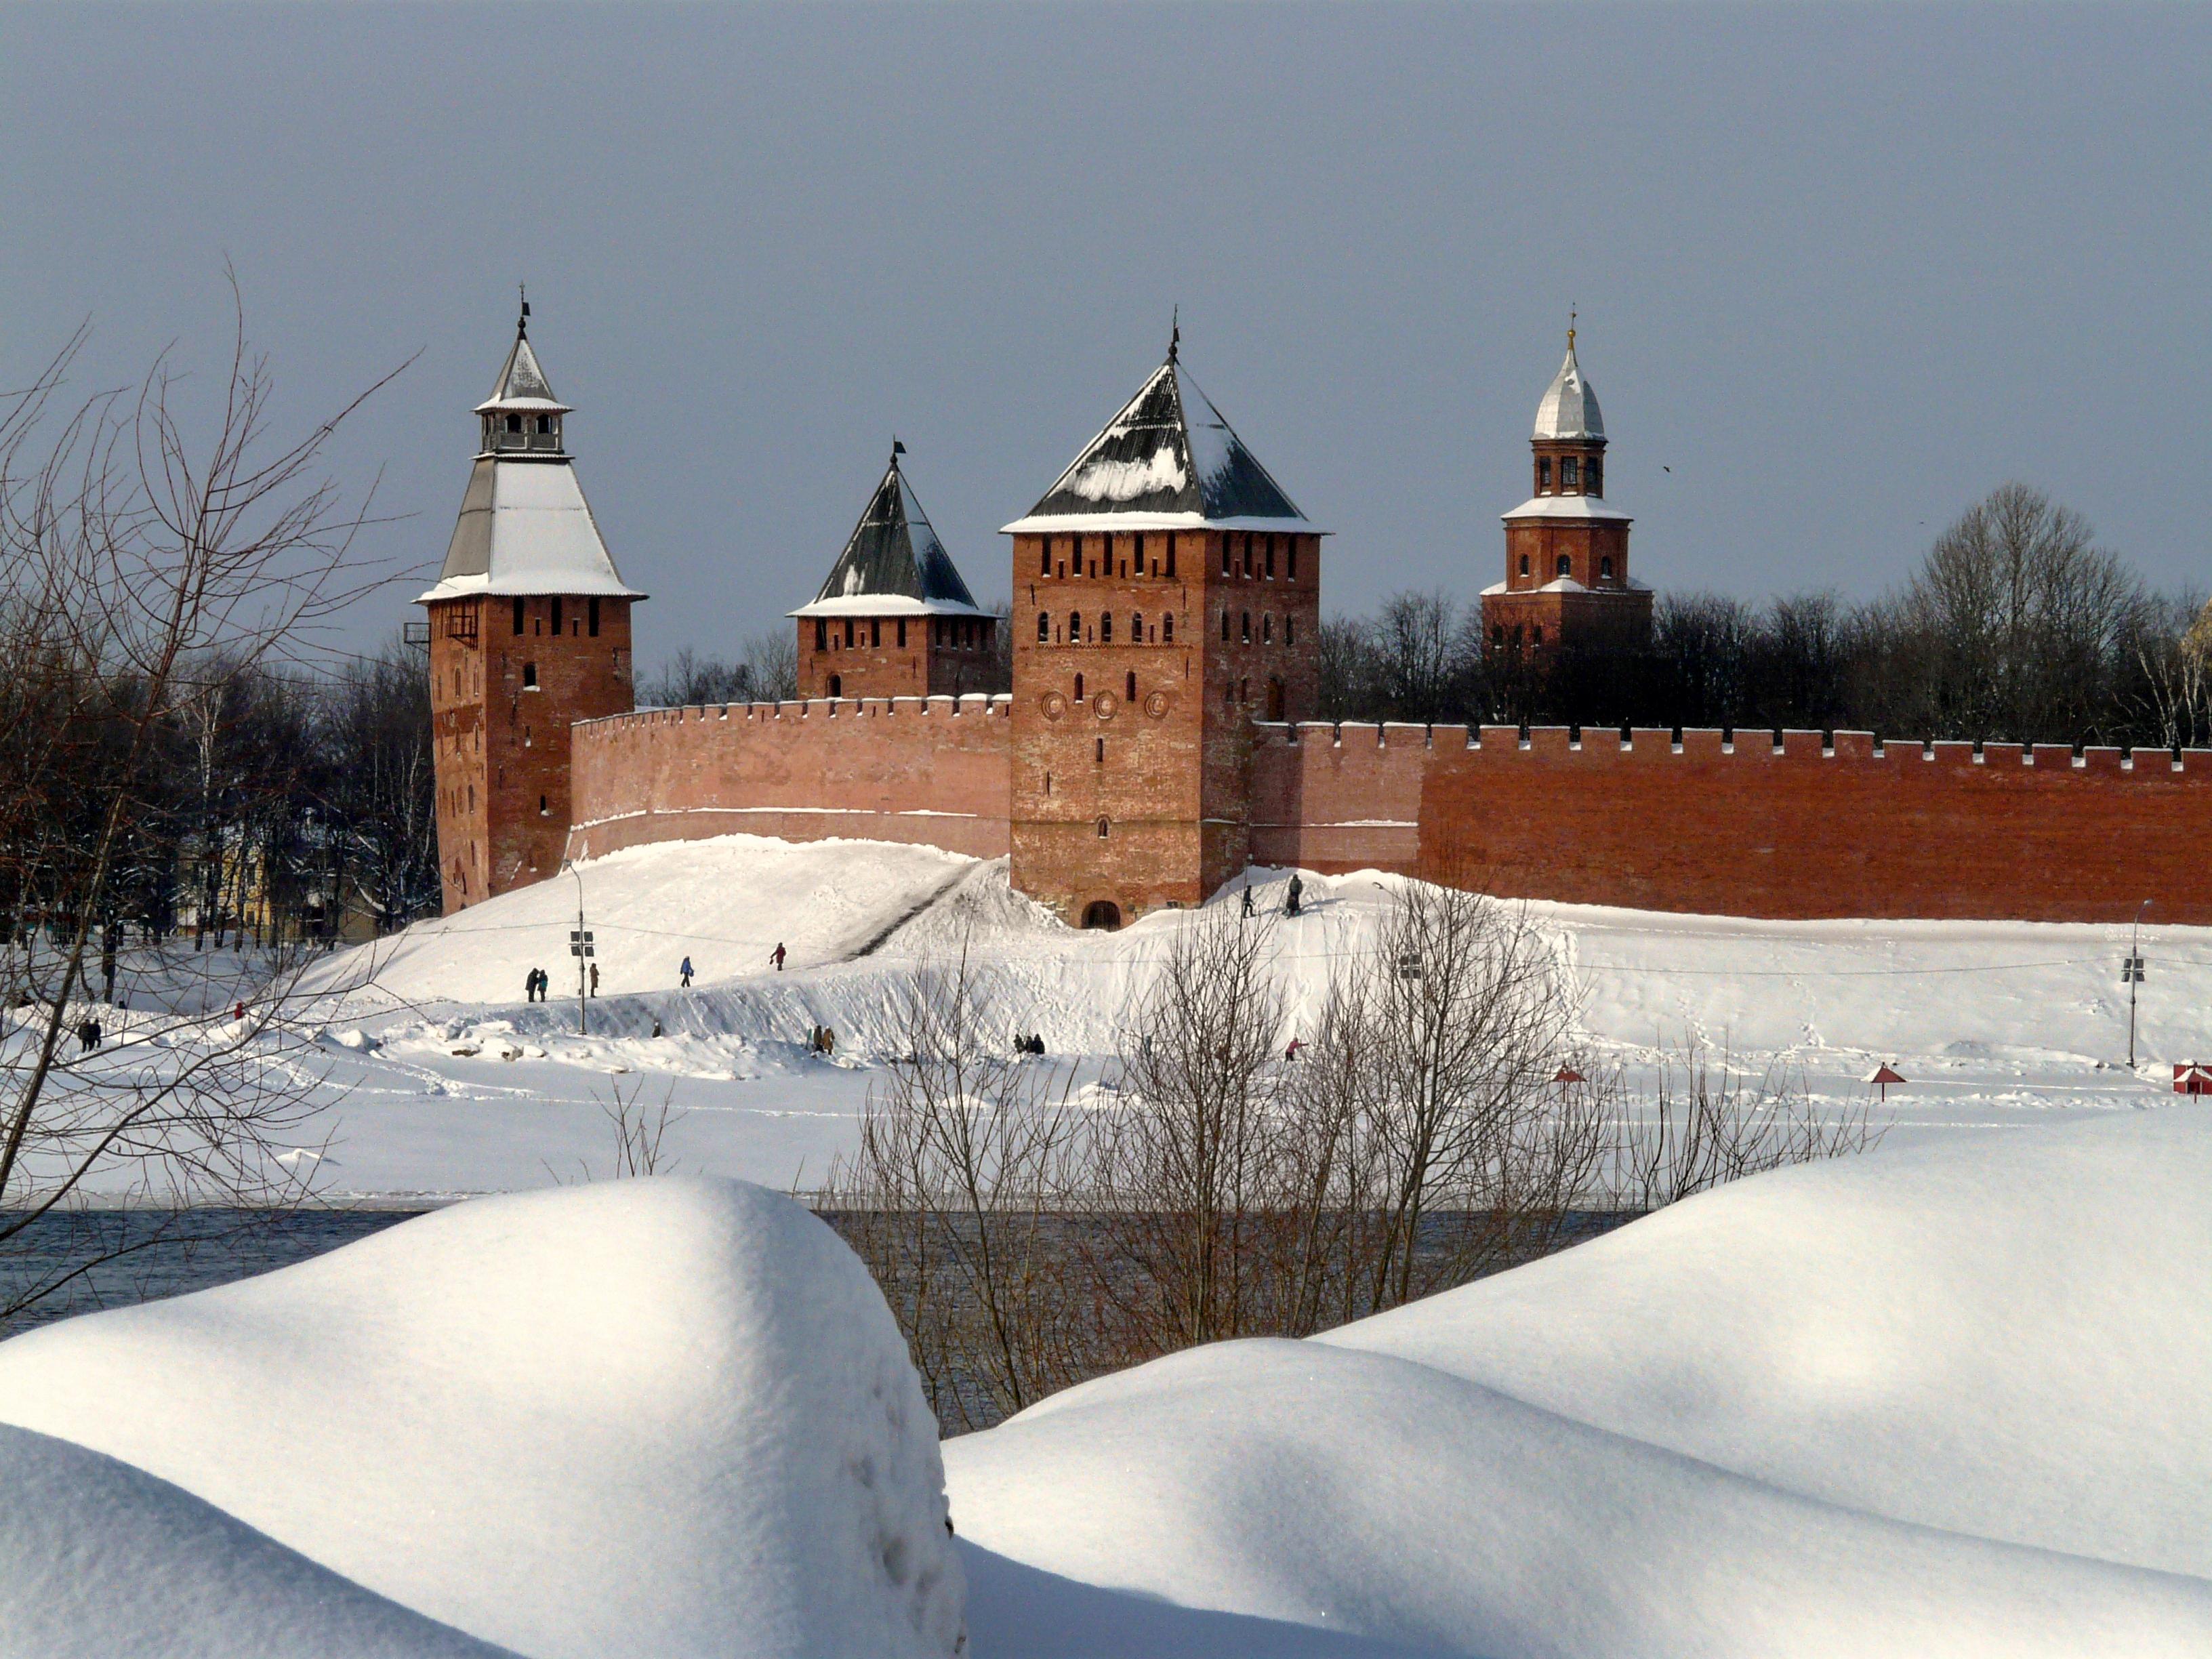 Новгородский кремль (Детинец) XIII -XIV вв. Автор фото Б. Рощупкин.